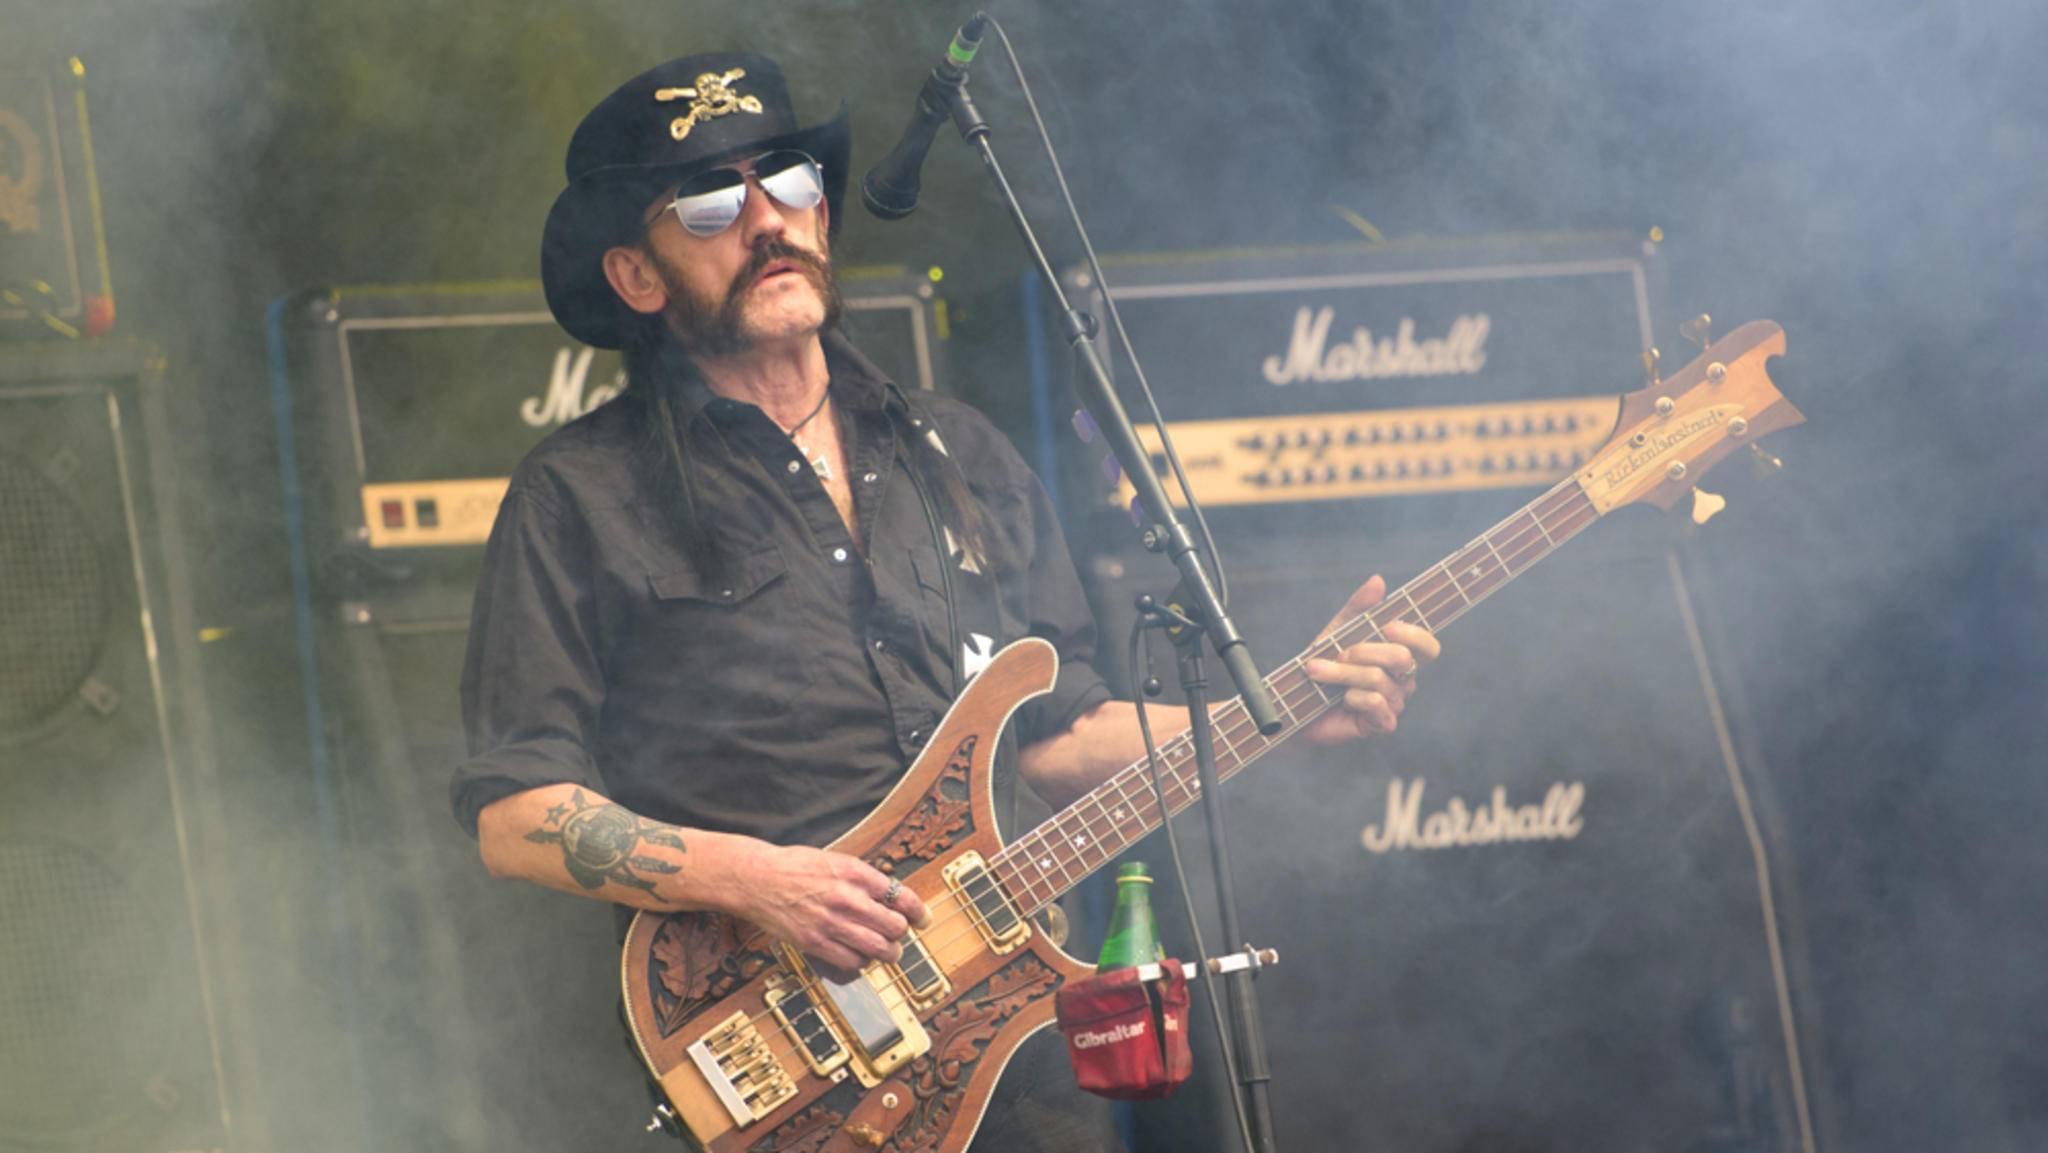 Bei Motörhead stand Lemmy Kilmister als Bassist und Sänger im Mittelpunkt. Nebenbei arbeitete er auch an einer Soloplatte.